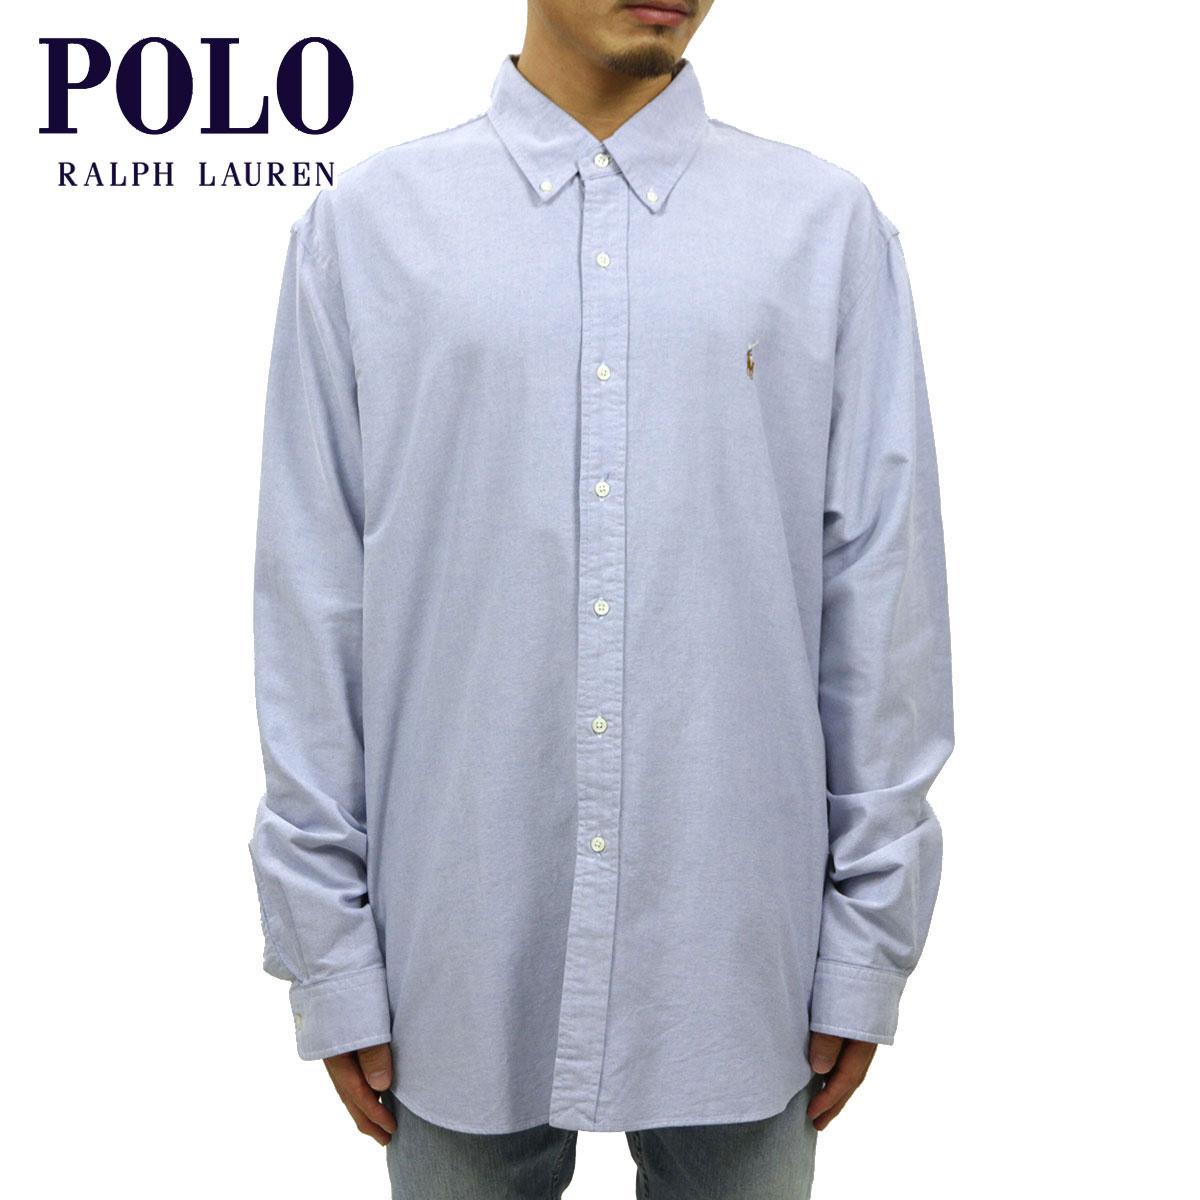 ポロ ラルフローレン POLO RALPH LAUREN 正規品 メンズ 長袖シャツ Custom-Fit Solid Oxford Shirt D00S20